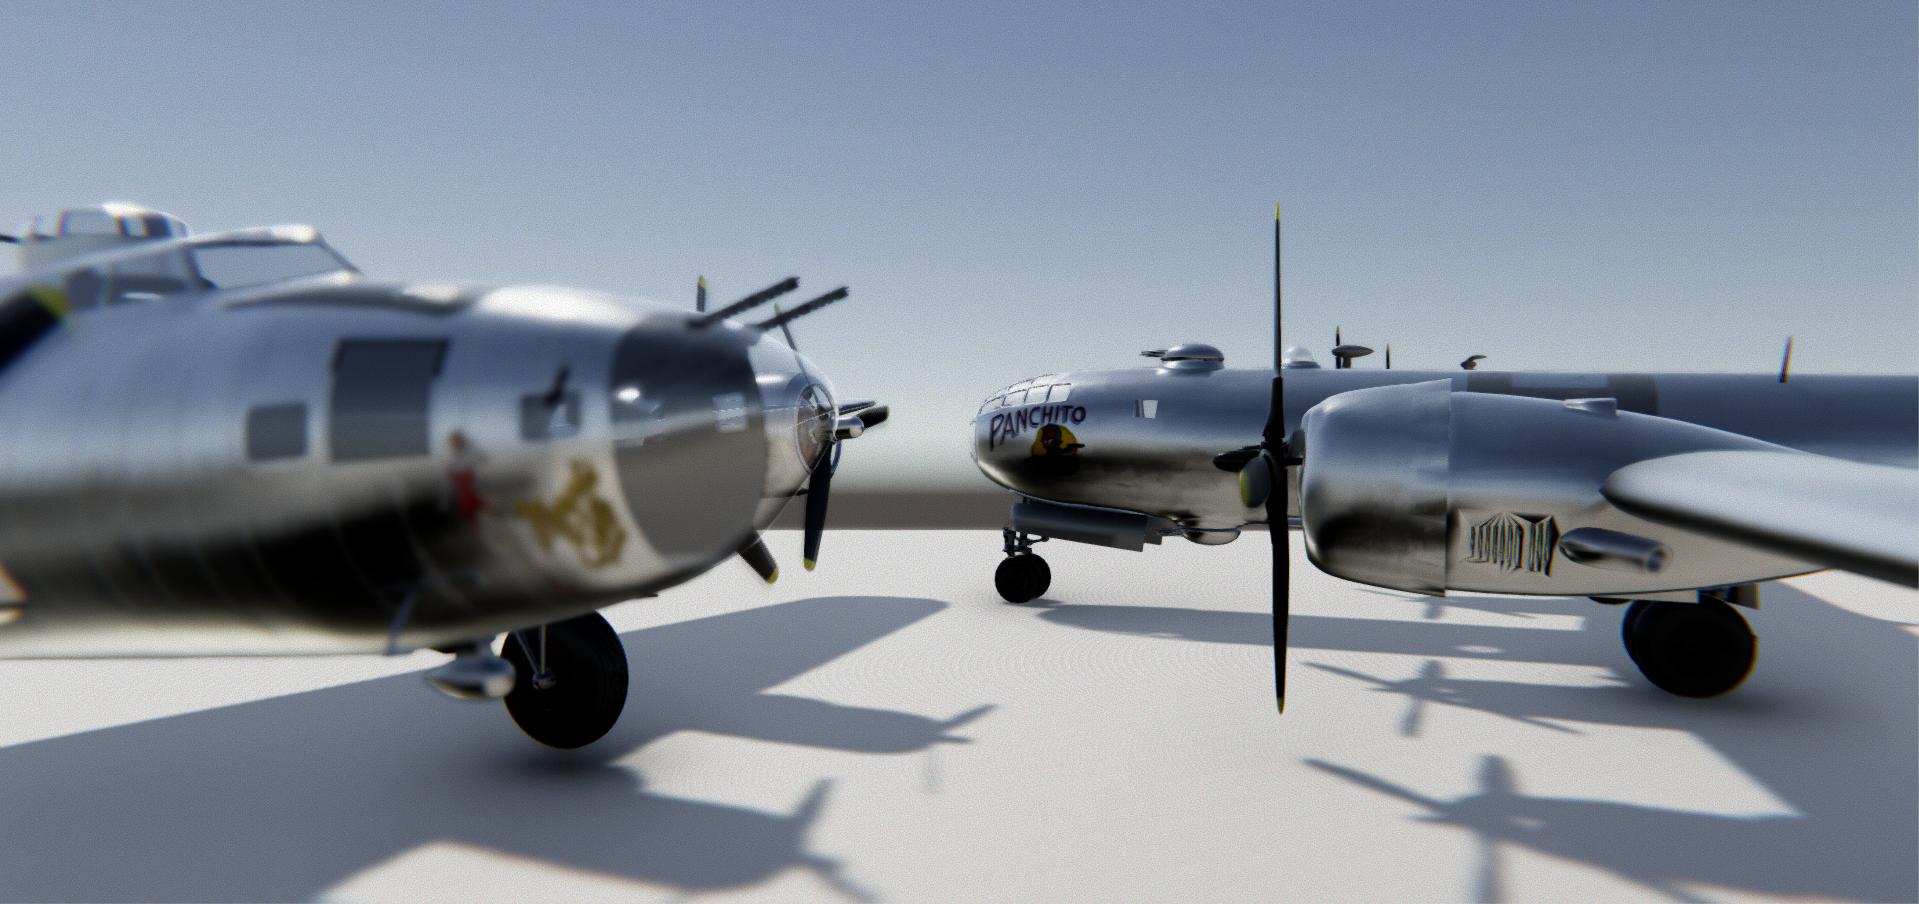 B-24 and B-19